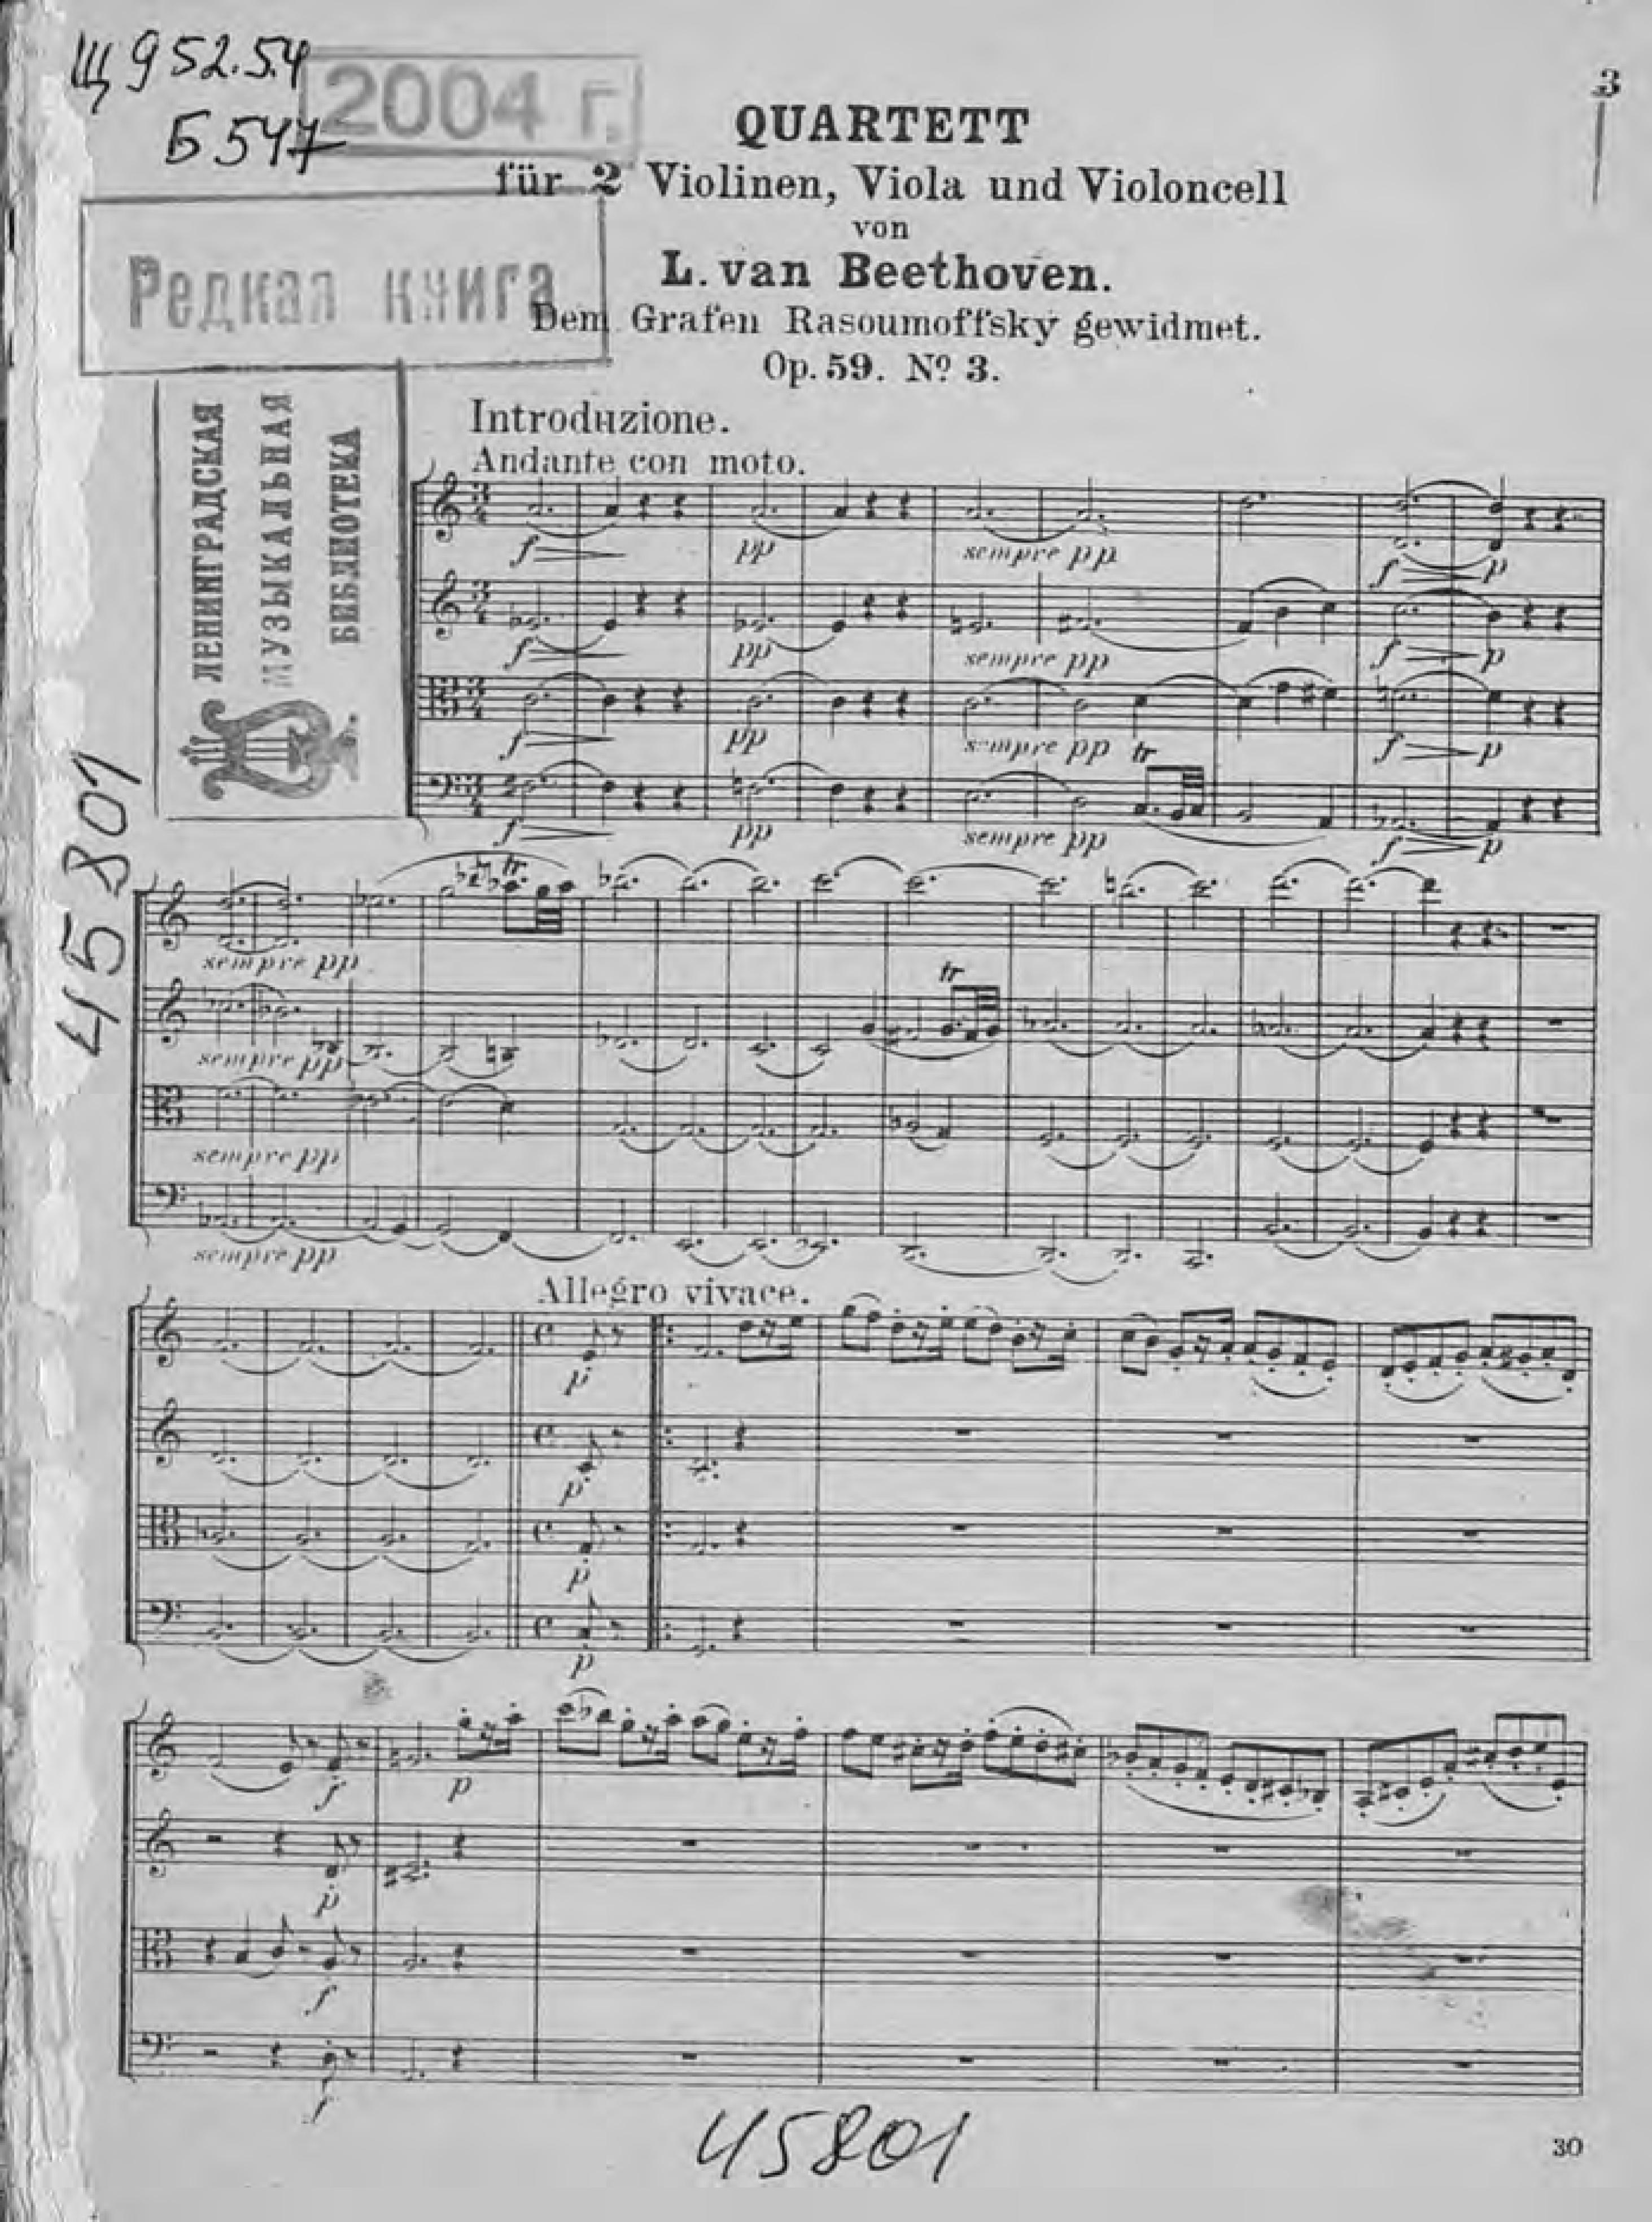 Людвиг ван Бетховен Quartet fur 2 Violinen, Viola und Violoncell von L. van Beethoven beethoven beethovenamadeus quartet string quartet nos 1 2 3 7 8 2 lp